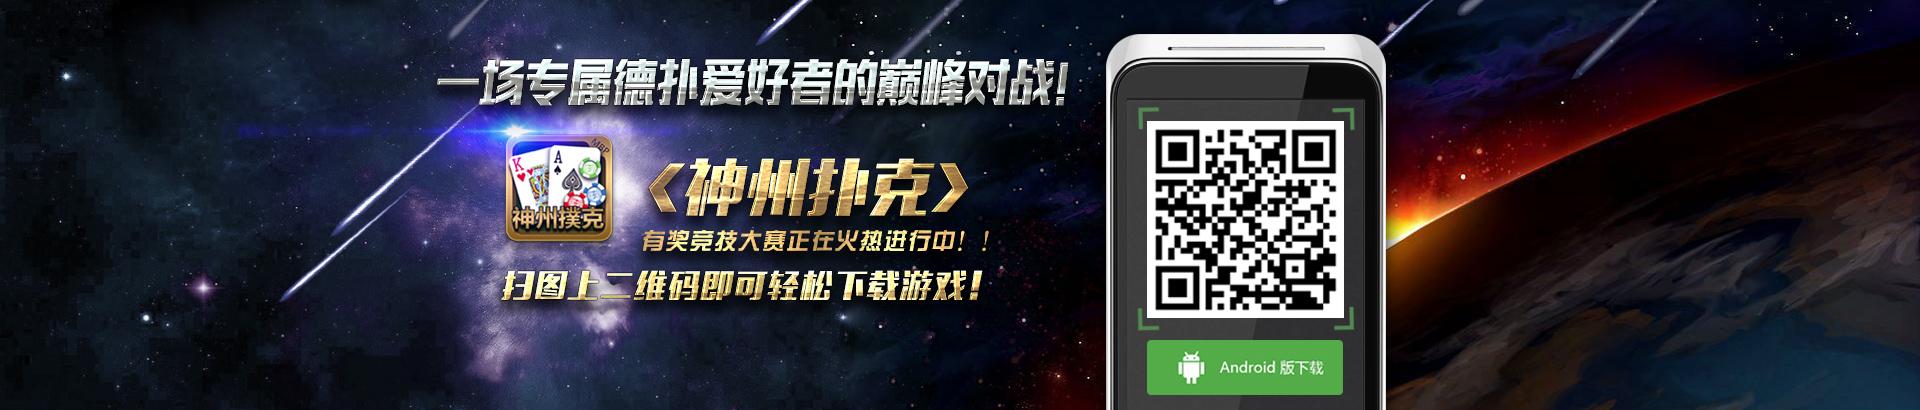 《神州扑克》安卓版正式上线! 扫二维码即可轻松下载游戏